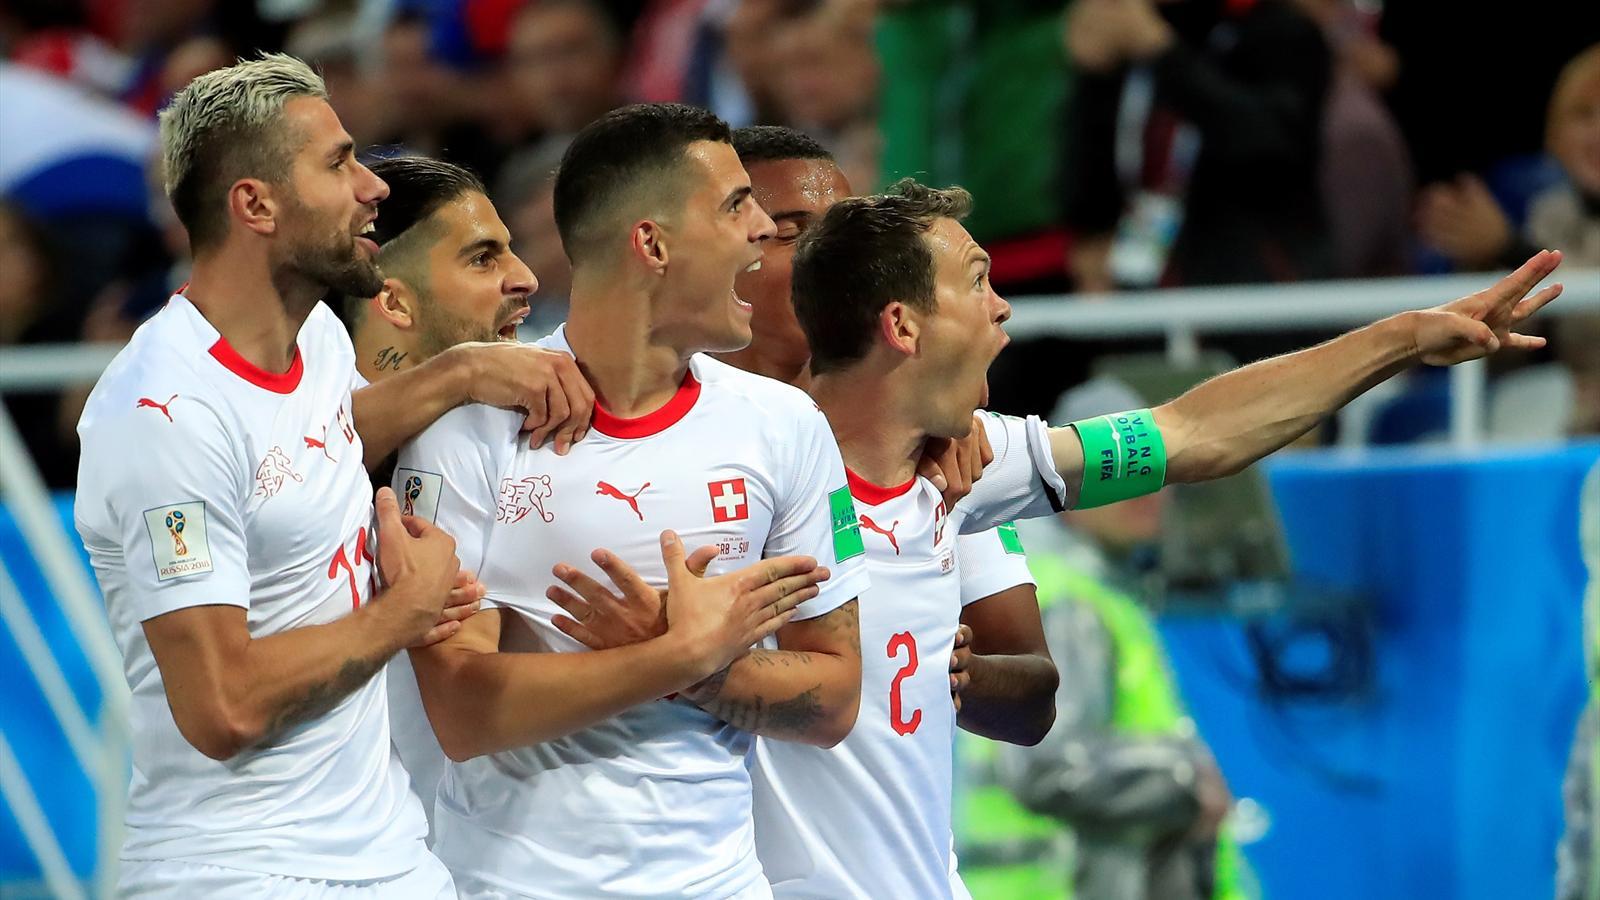 Граніт Джака разом з партнерами демонструє жест орла Албанії після голу у ворота Сербії на ЧС-2018